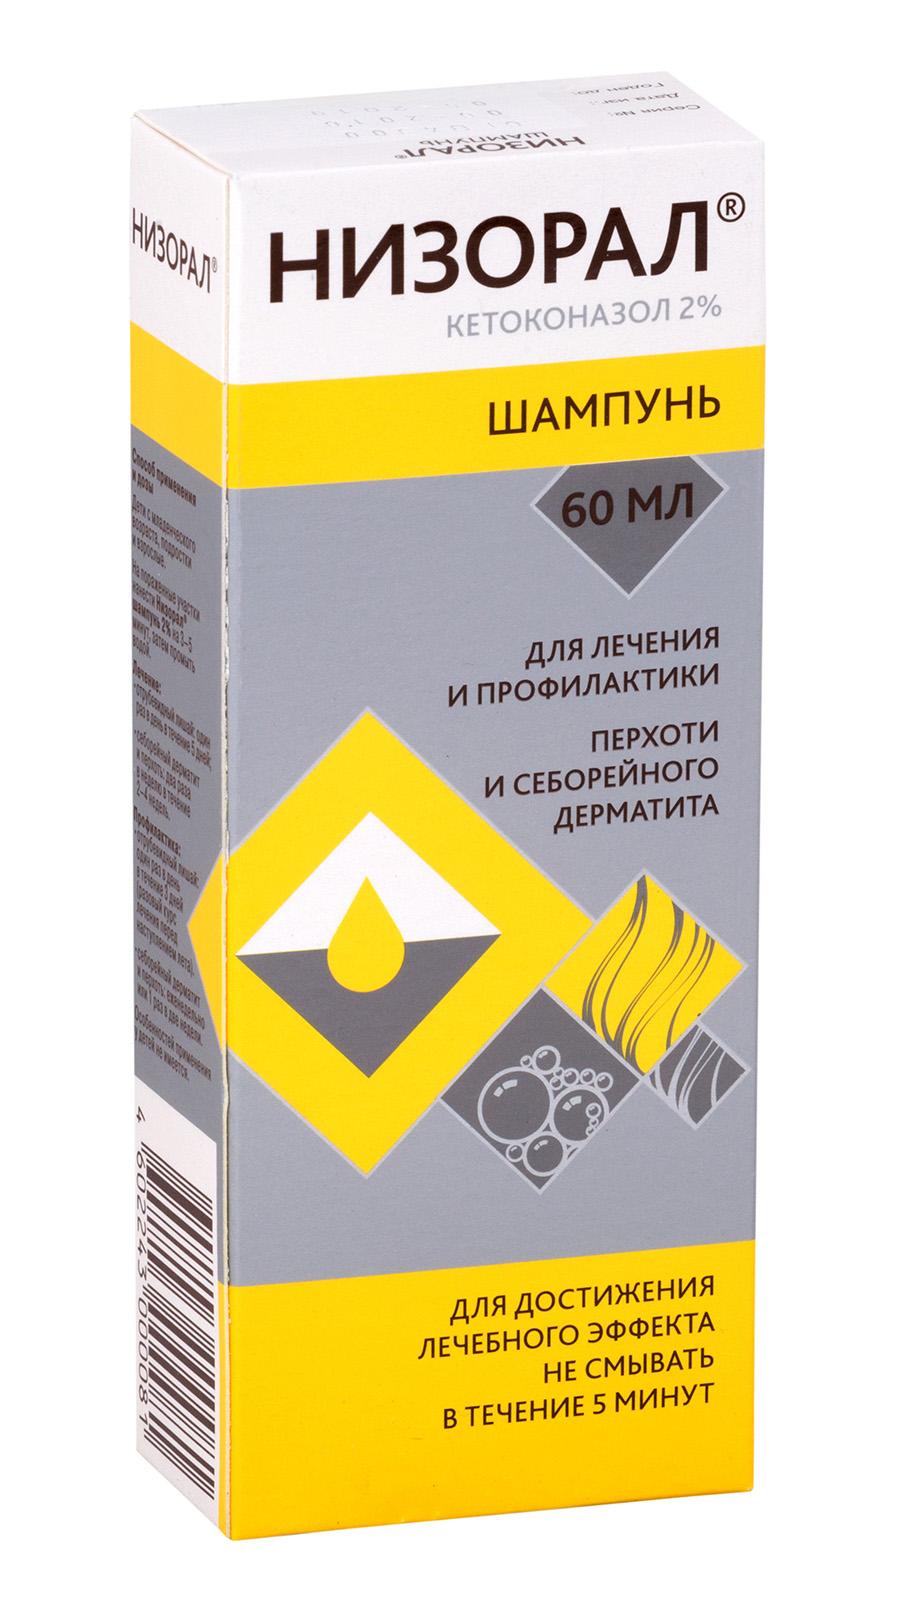 Низорал шампунь 20мг/г 60мл